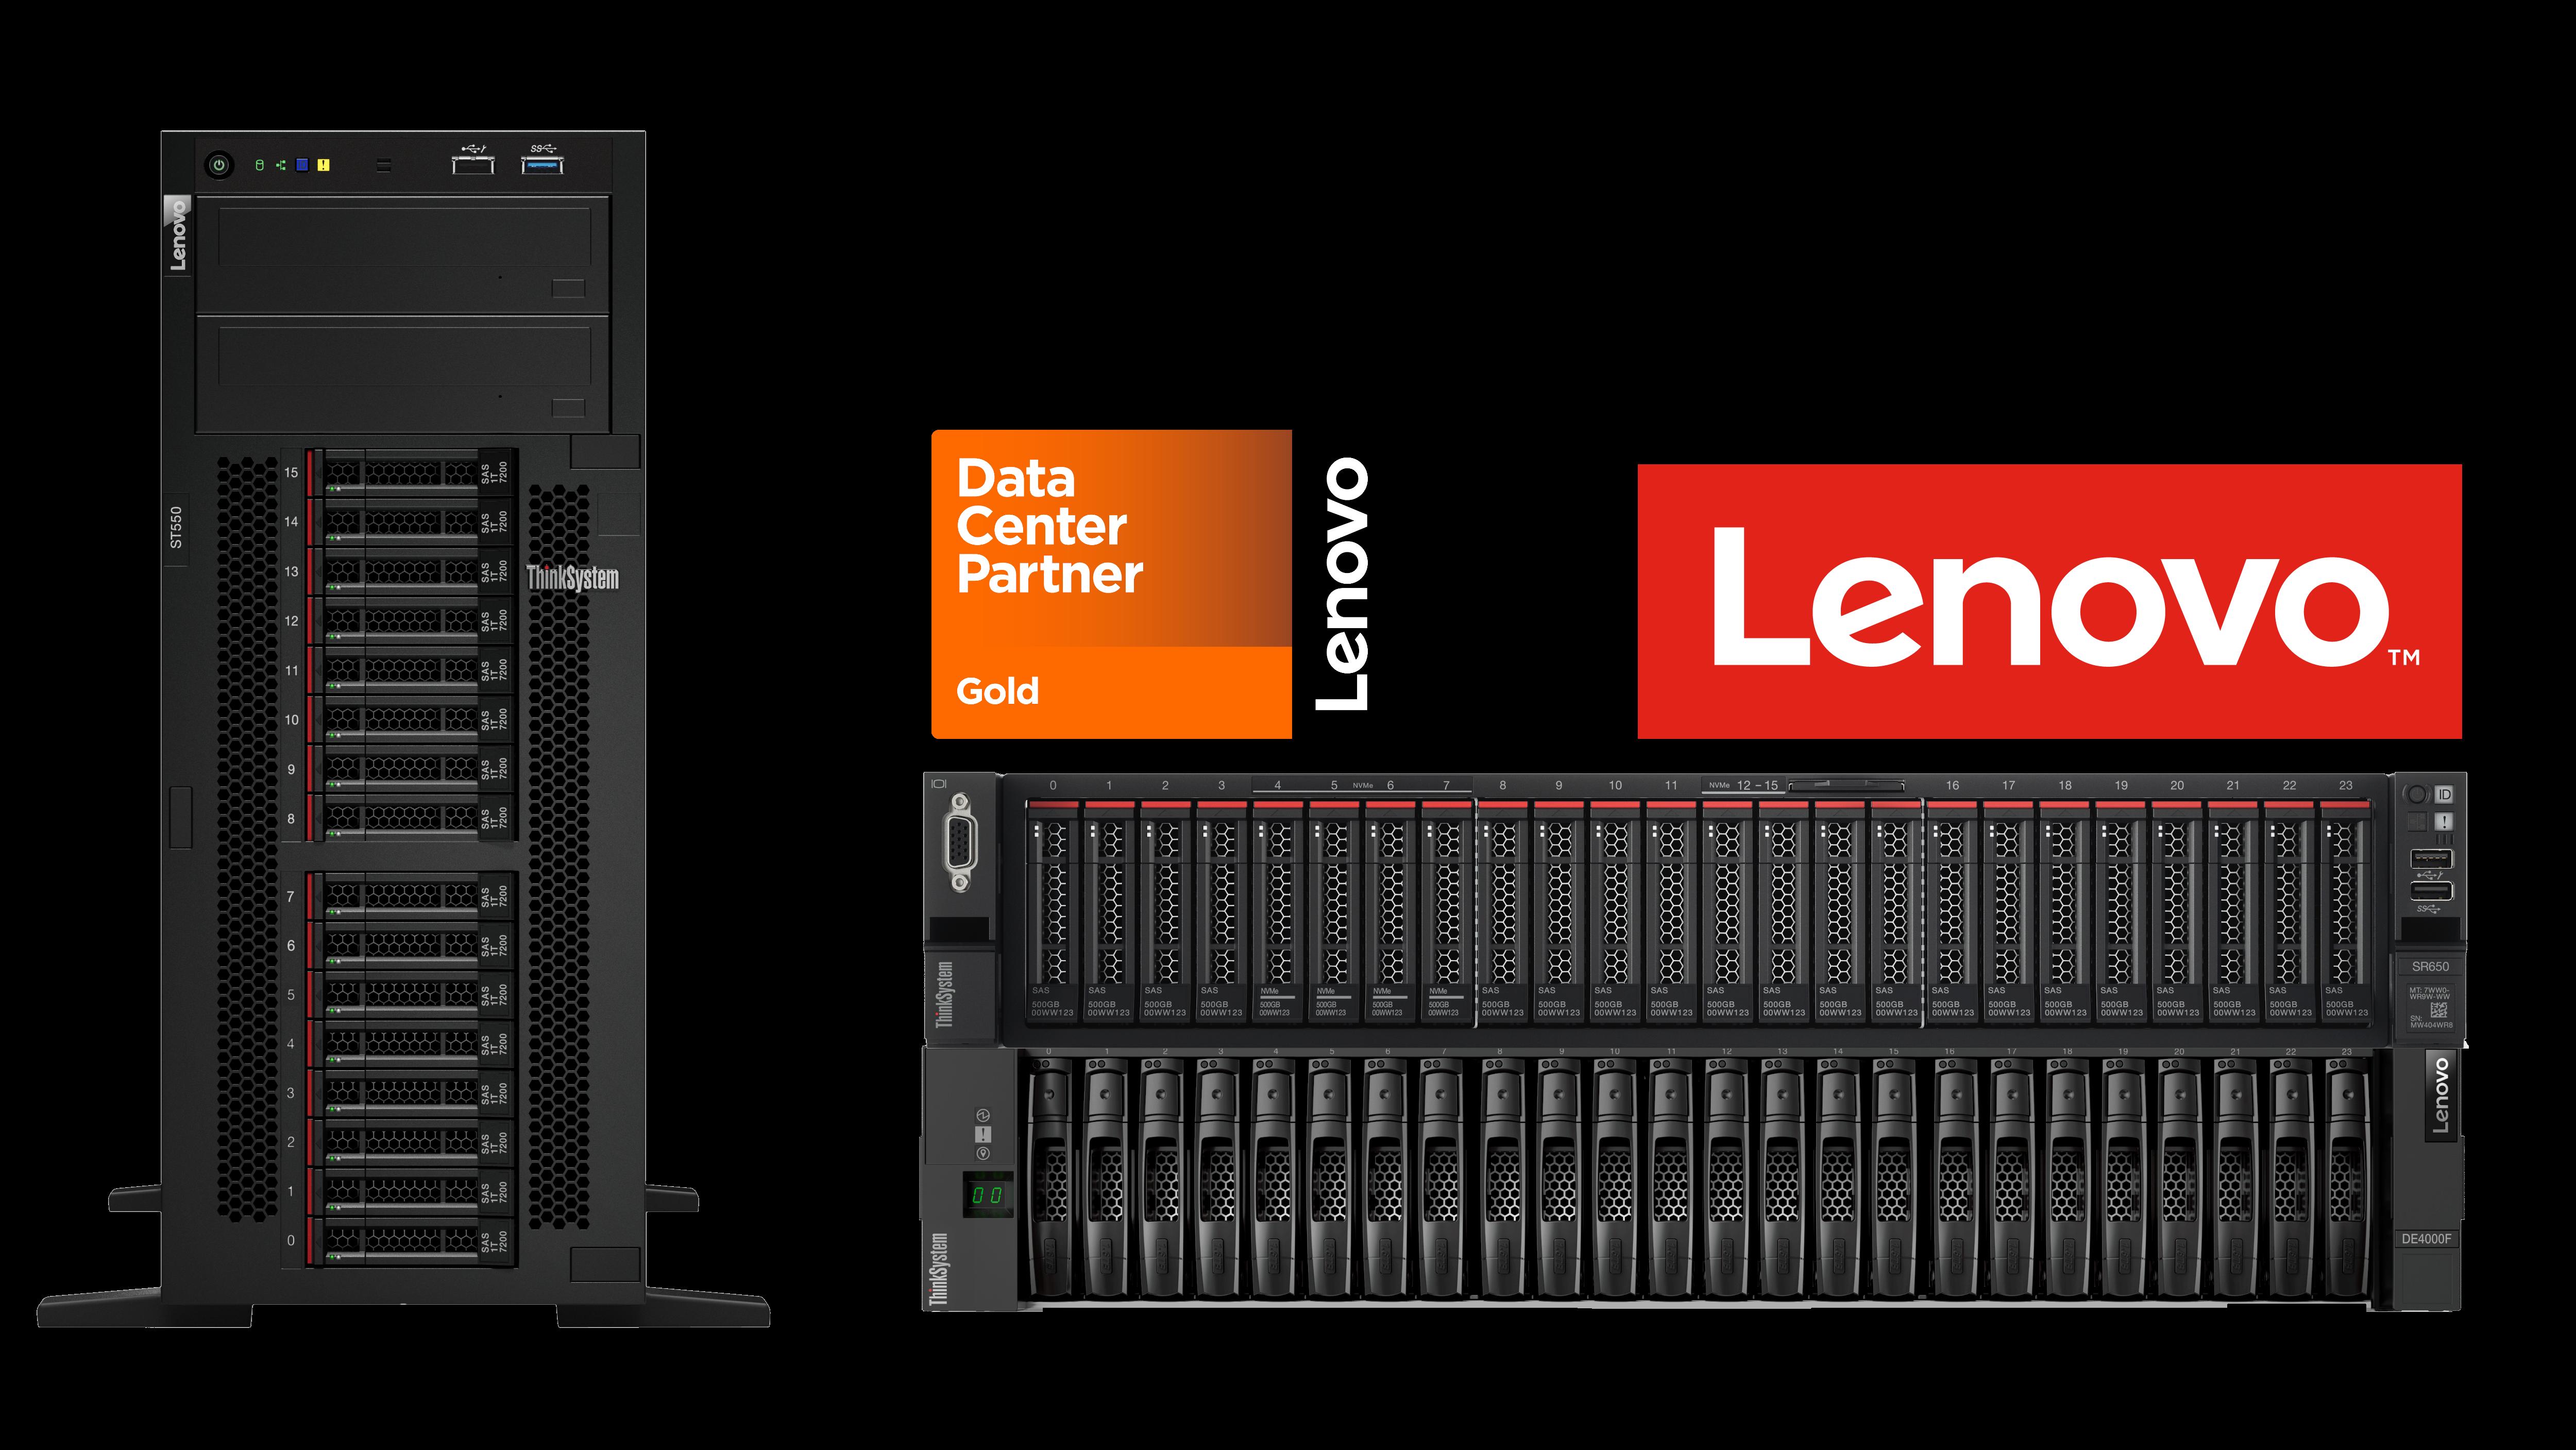 Lenovo DCG Server